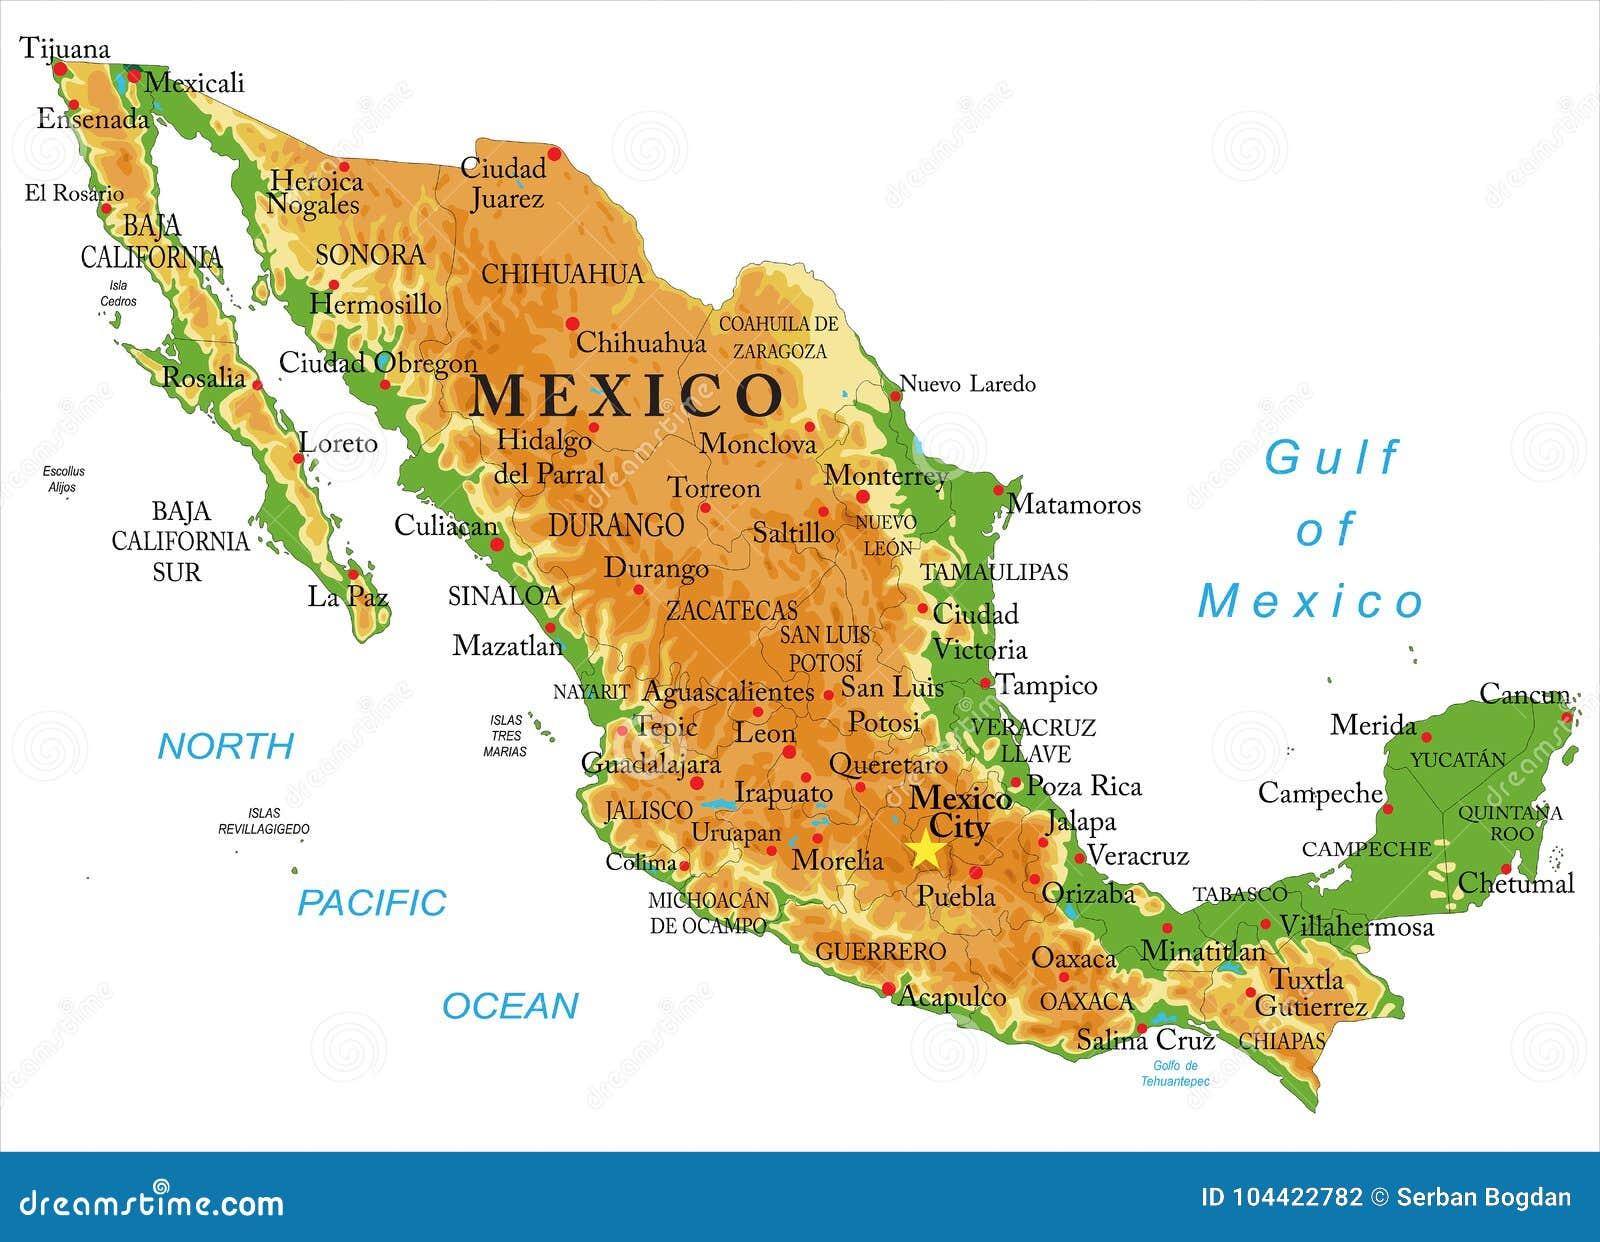 Cartina Del Messico Politica.Mappa Di Fisico Medica Del Messico Illustrazione Vettoriale Illustrazione Di Puebla Strada 104422782